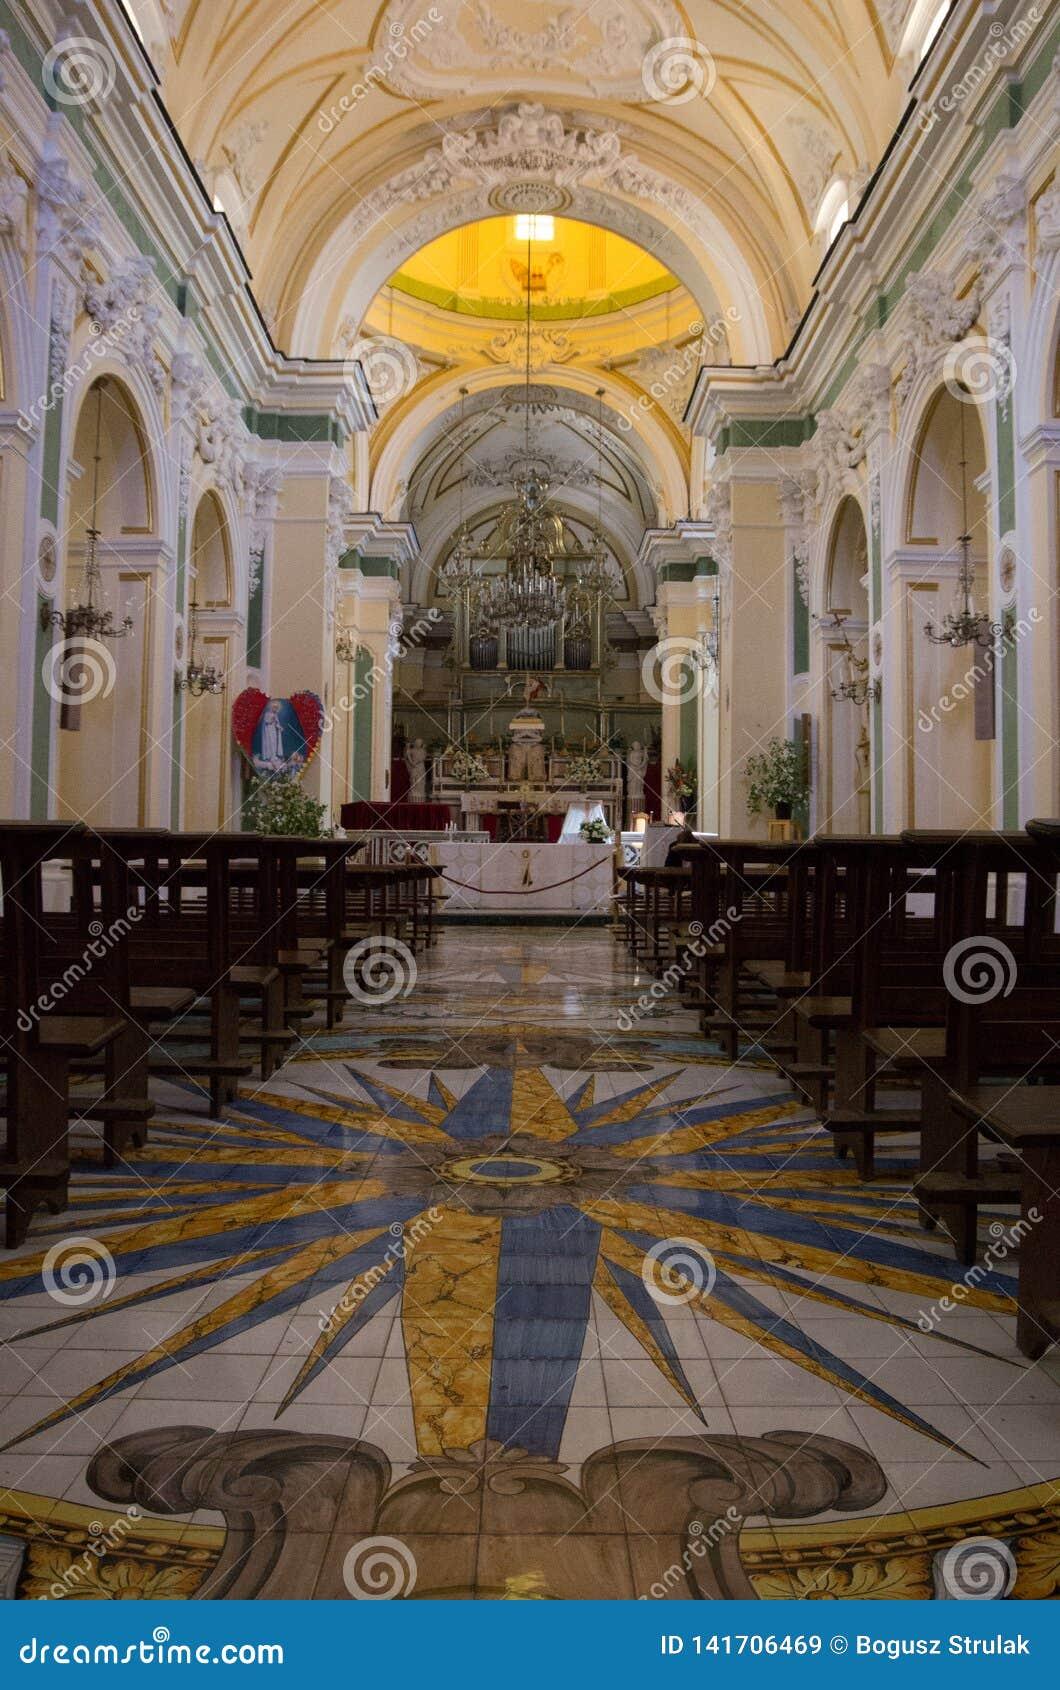 Iglesia de San Gennaro en Vettica Maggiore Praiano, Italia Interior de la iglesia con el altar y muchas decoraciones